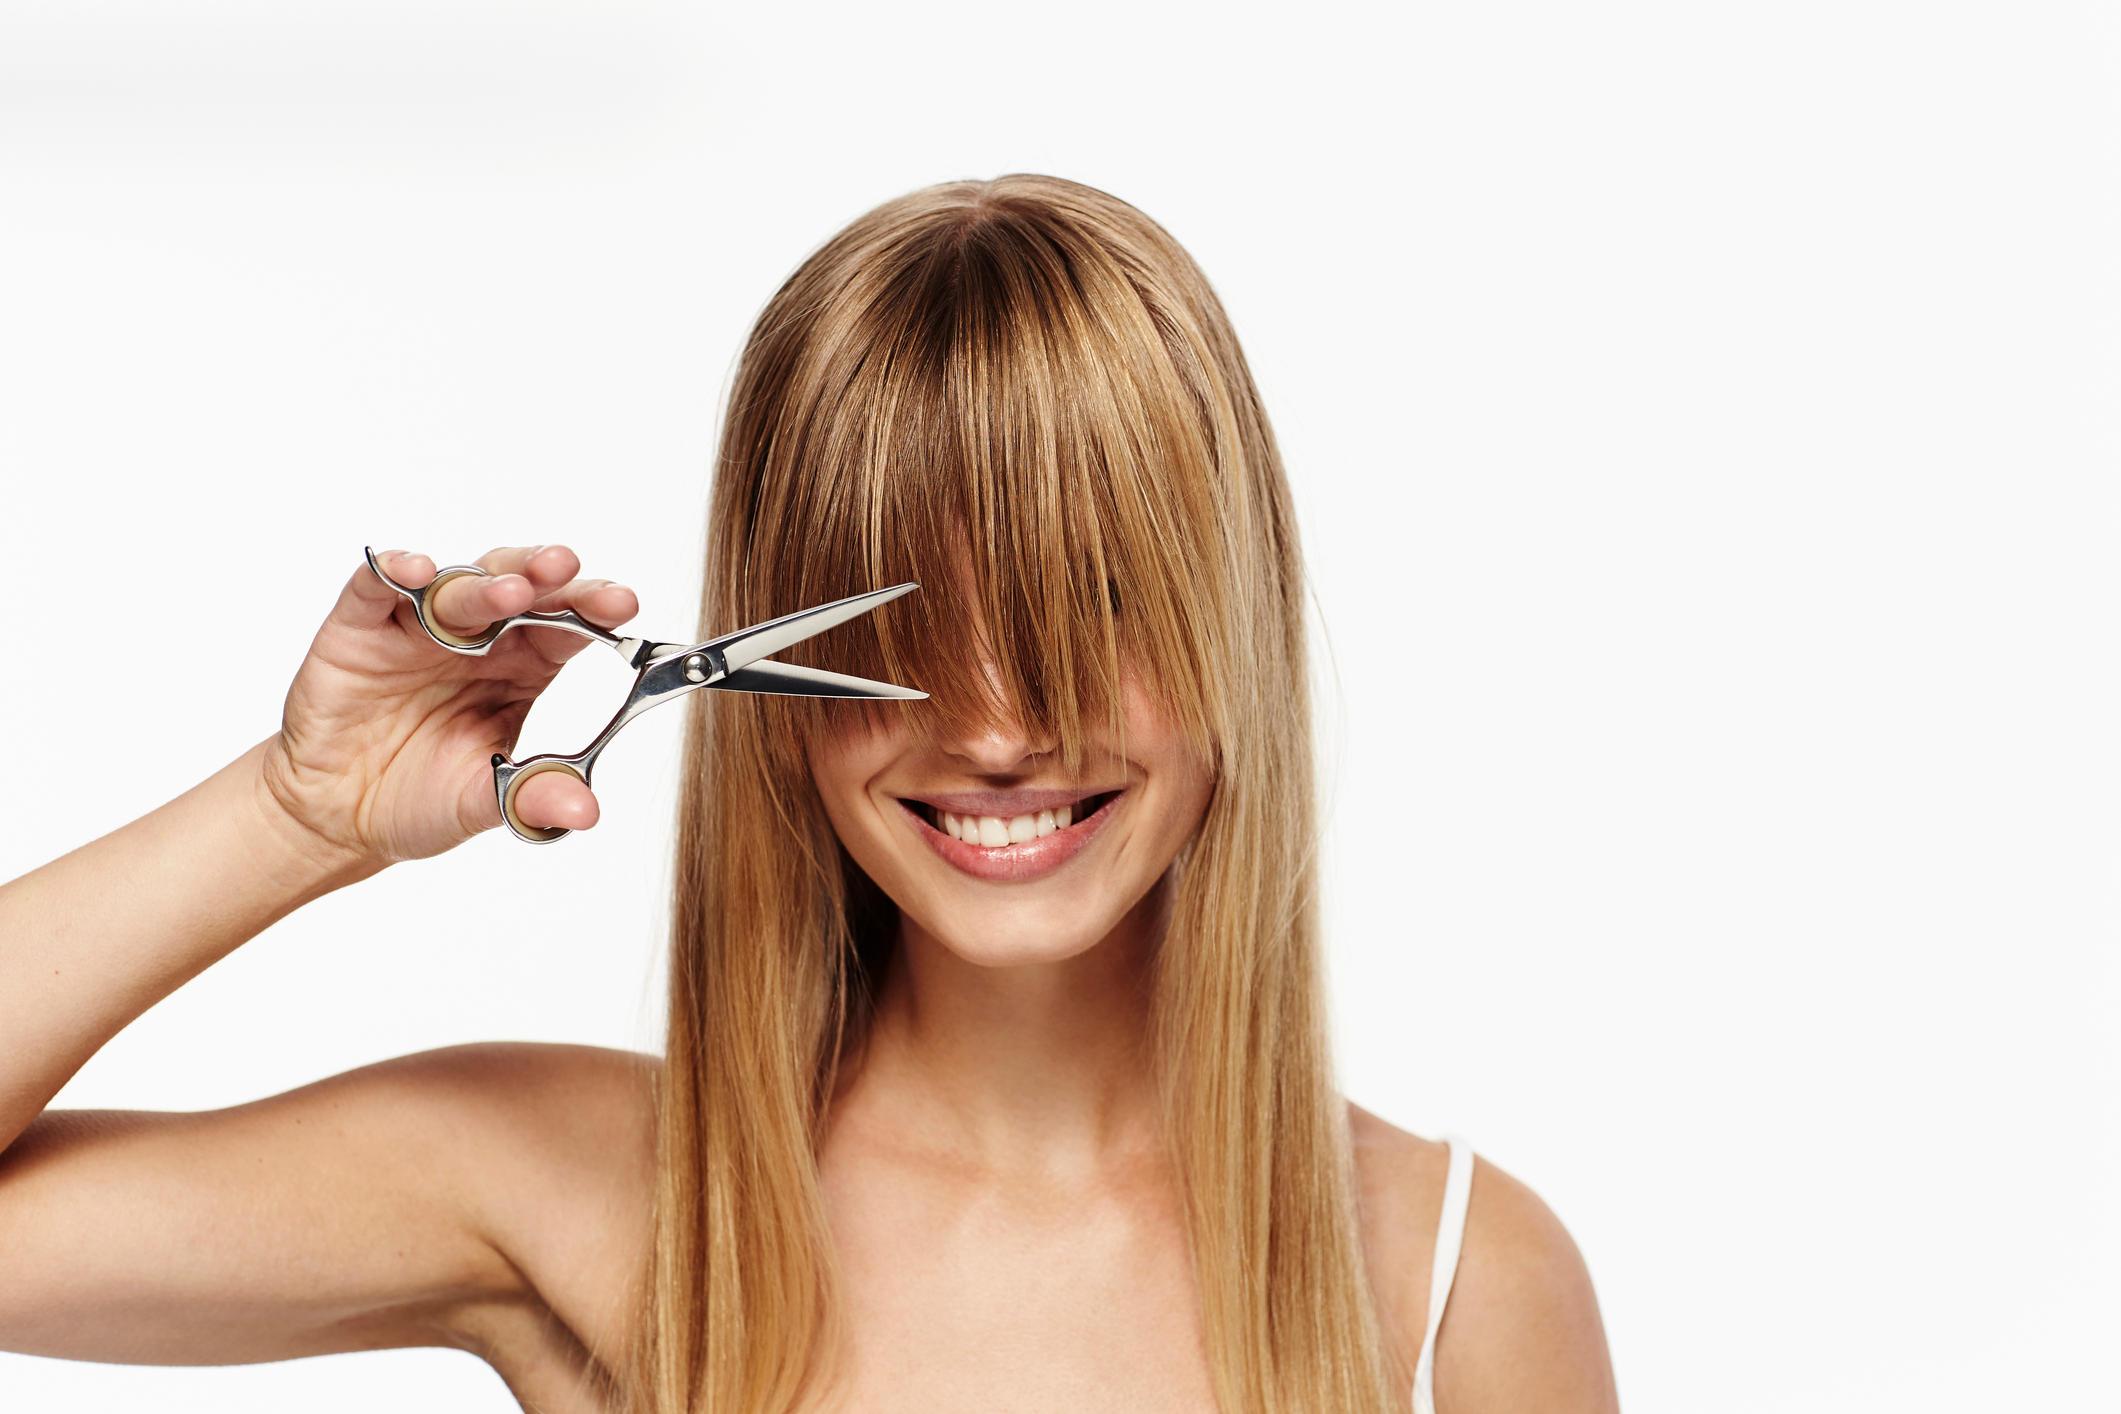 Frisur ab 40: Haare abschneiden macht jünger?   Barbara.de